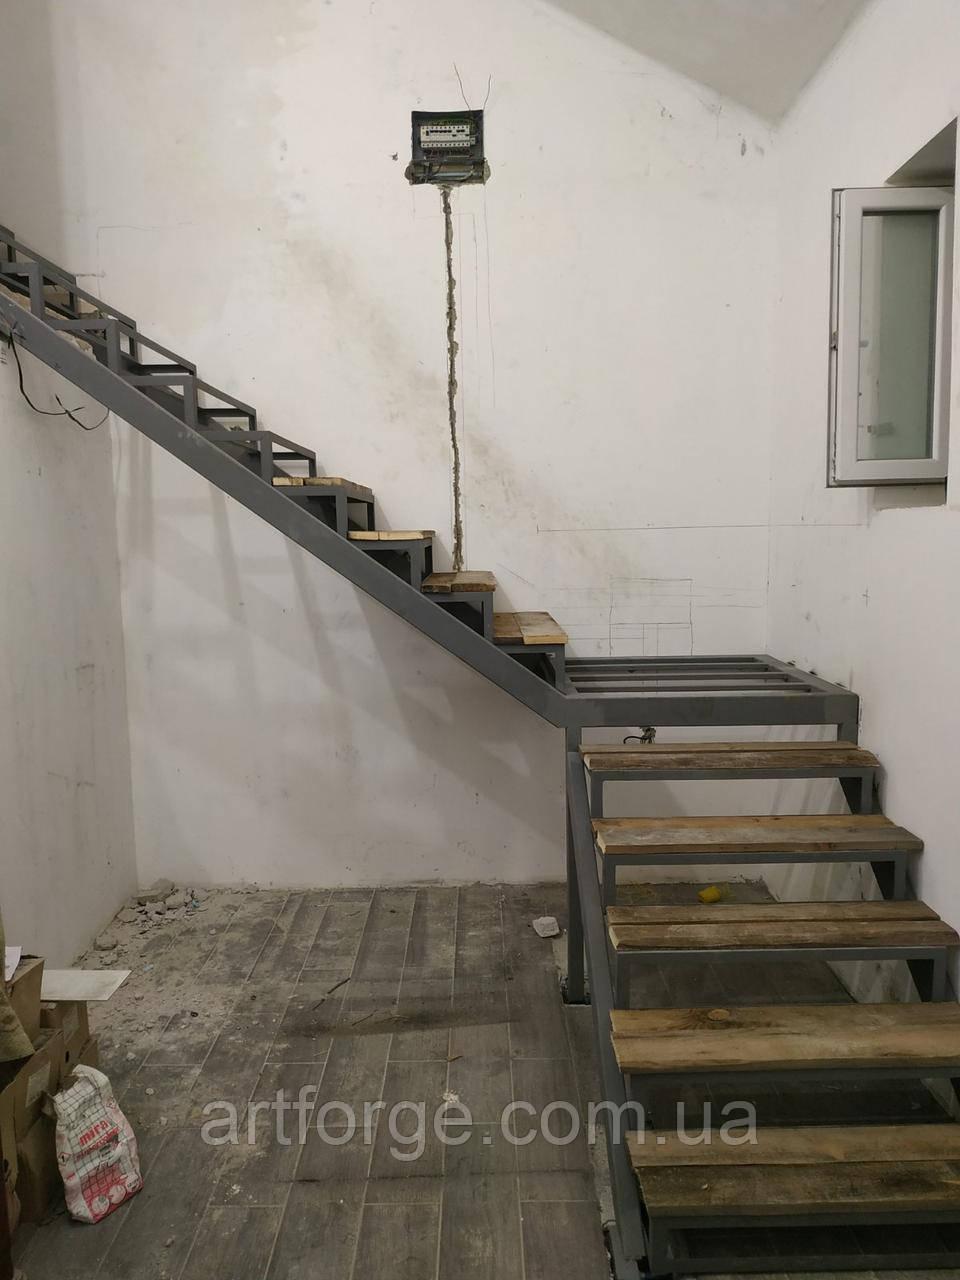 Г-образный каркас лестницы из металла по обшивку. Поворотная лестница в квартиру, дом, котедж, таун-хаус.